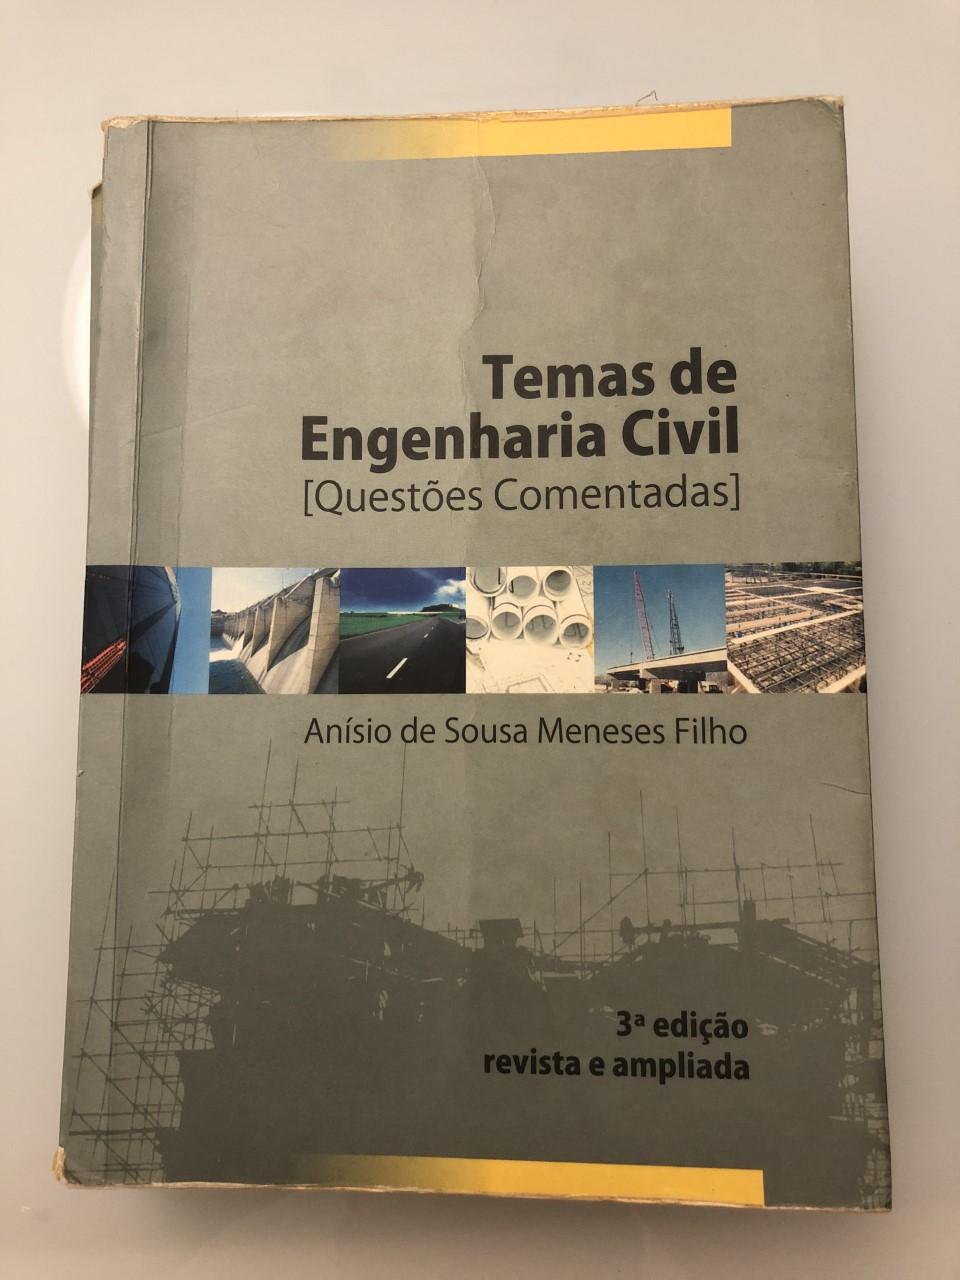 Temas de Engenharia Civil (Questões Comentadas) - Anísio Meneses